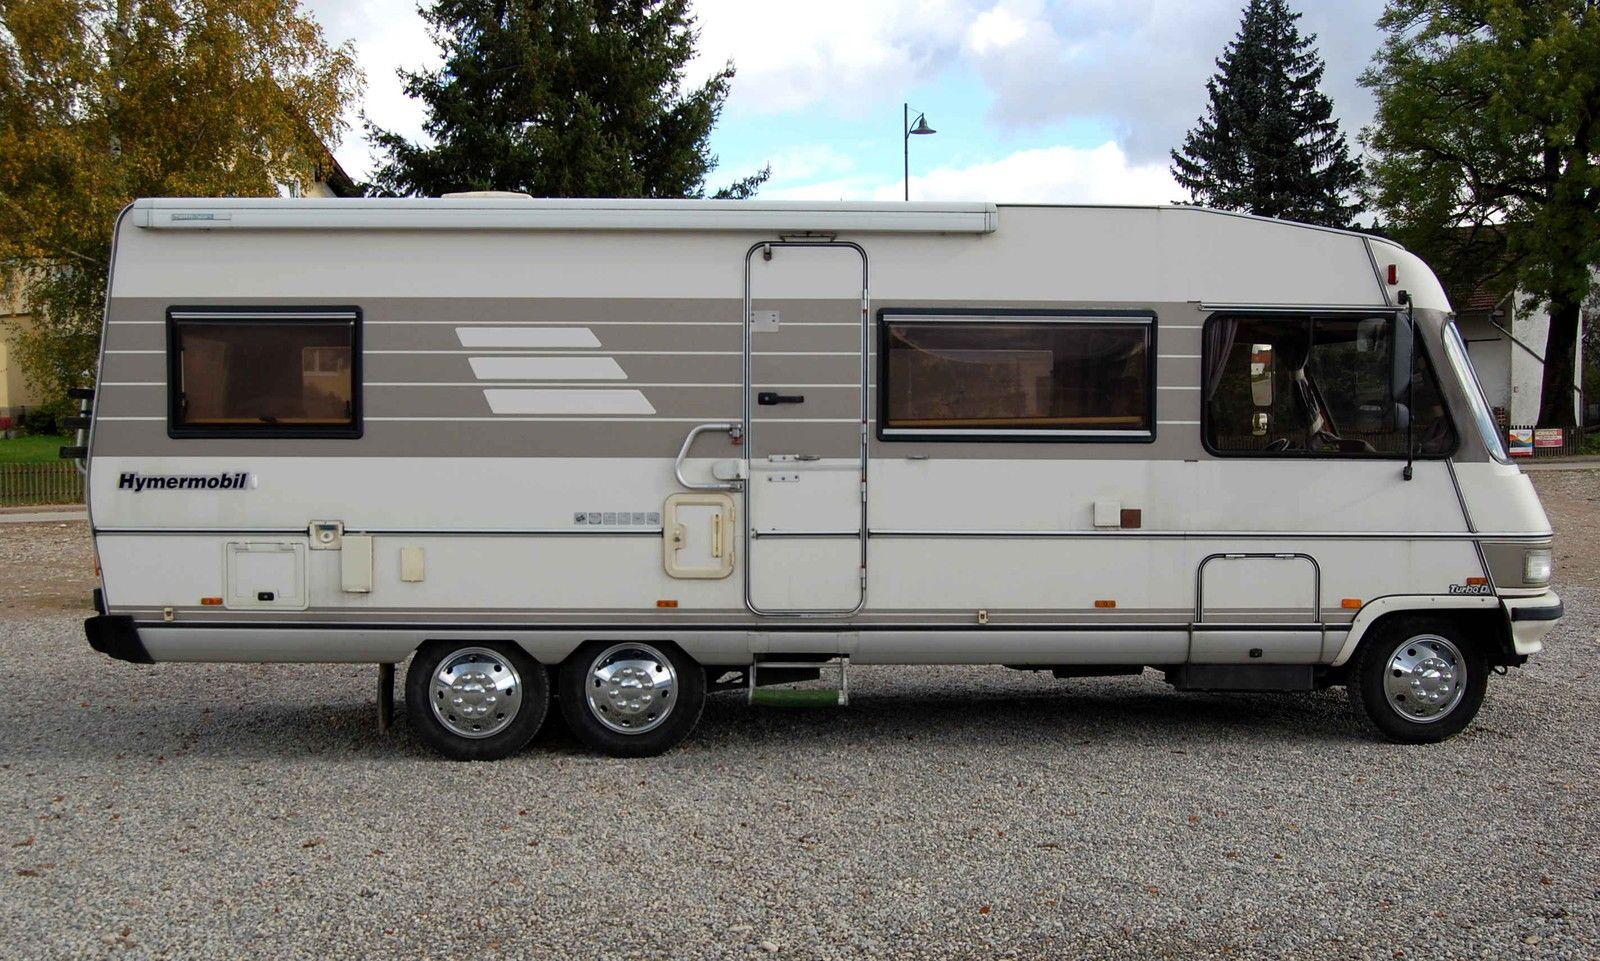 Pin de Kamiel en Motorhome - Campers - Caravan | Pinterest